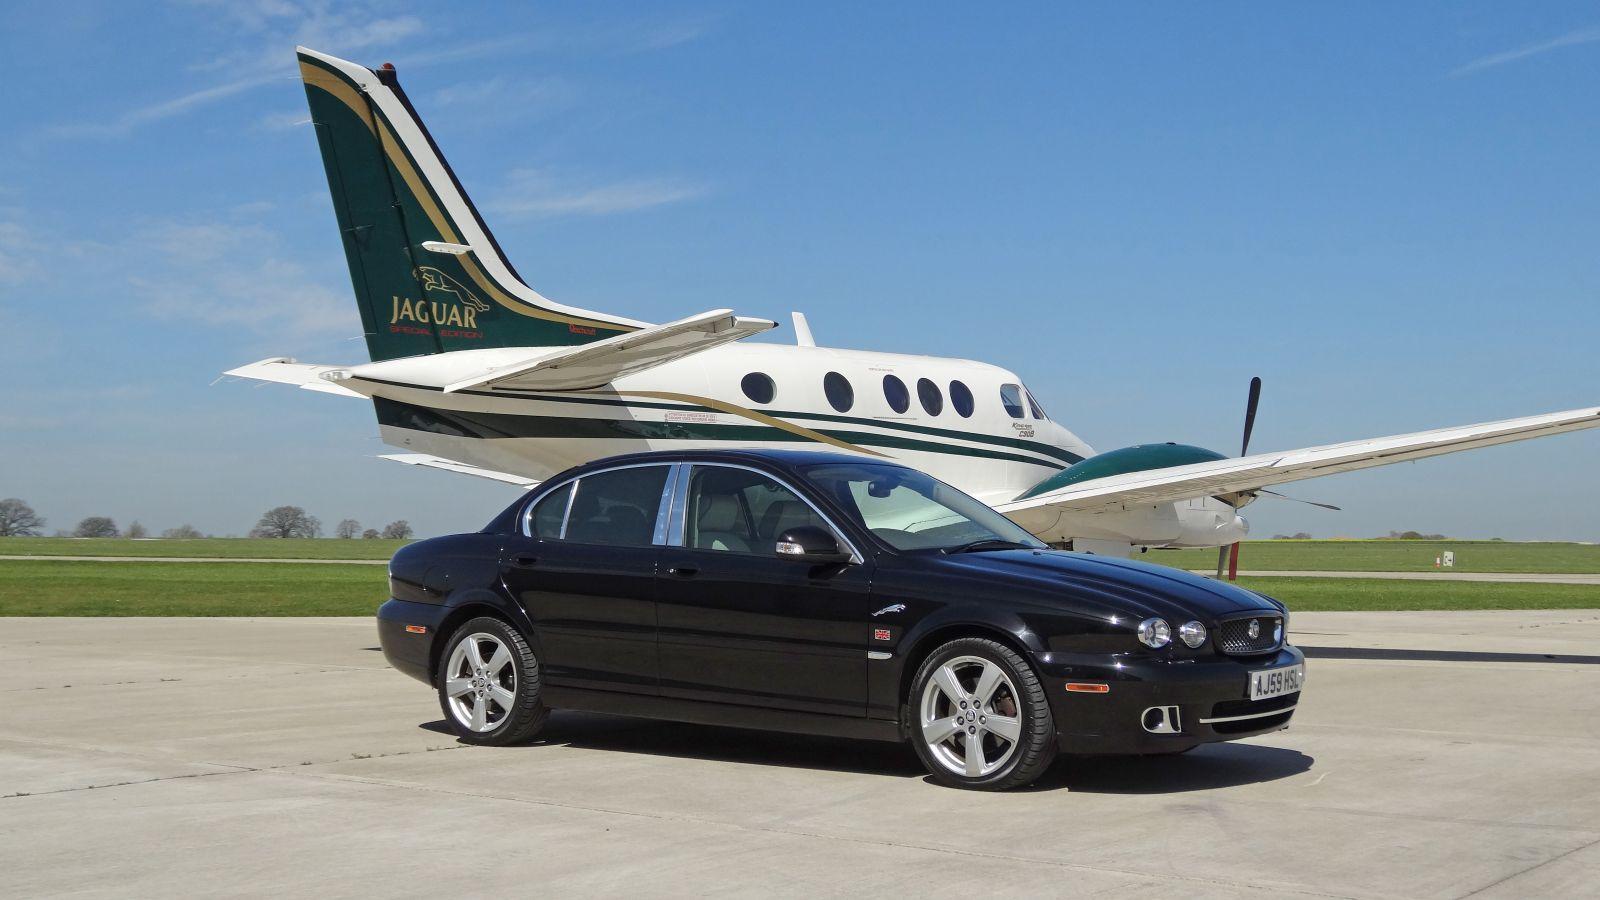 Jaguar Car and Aircraft 3